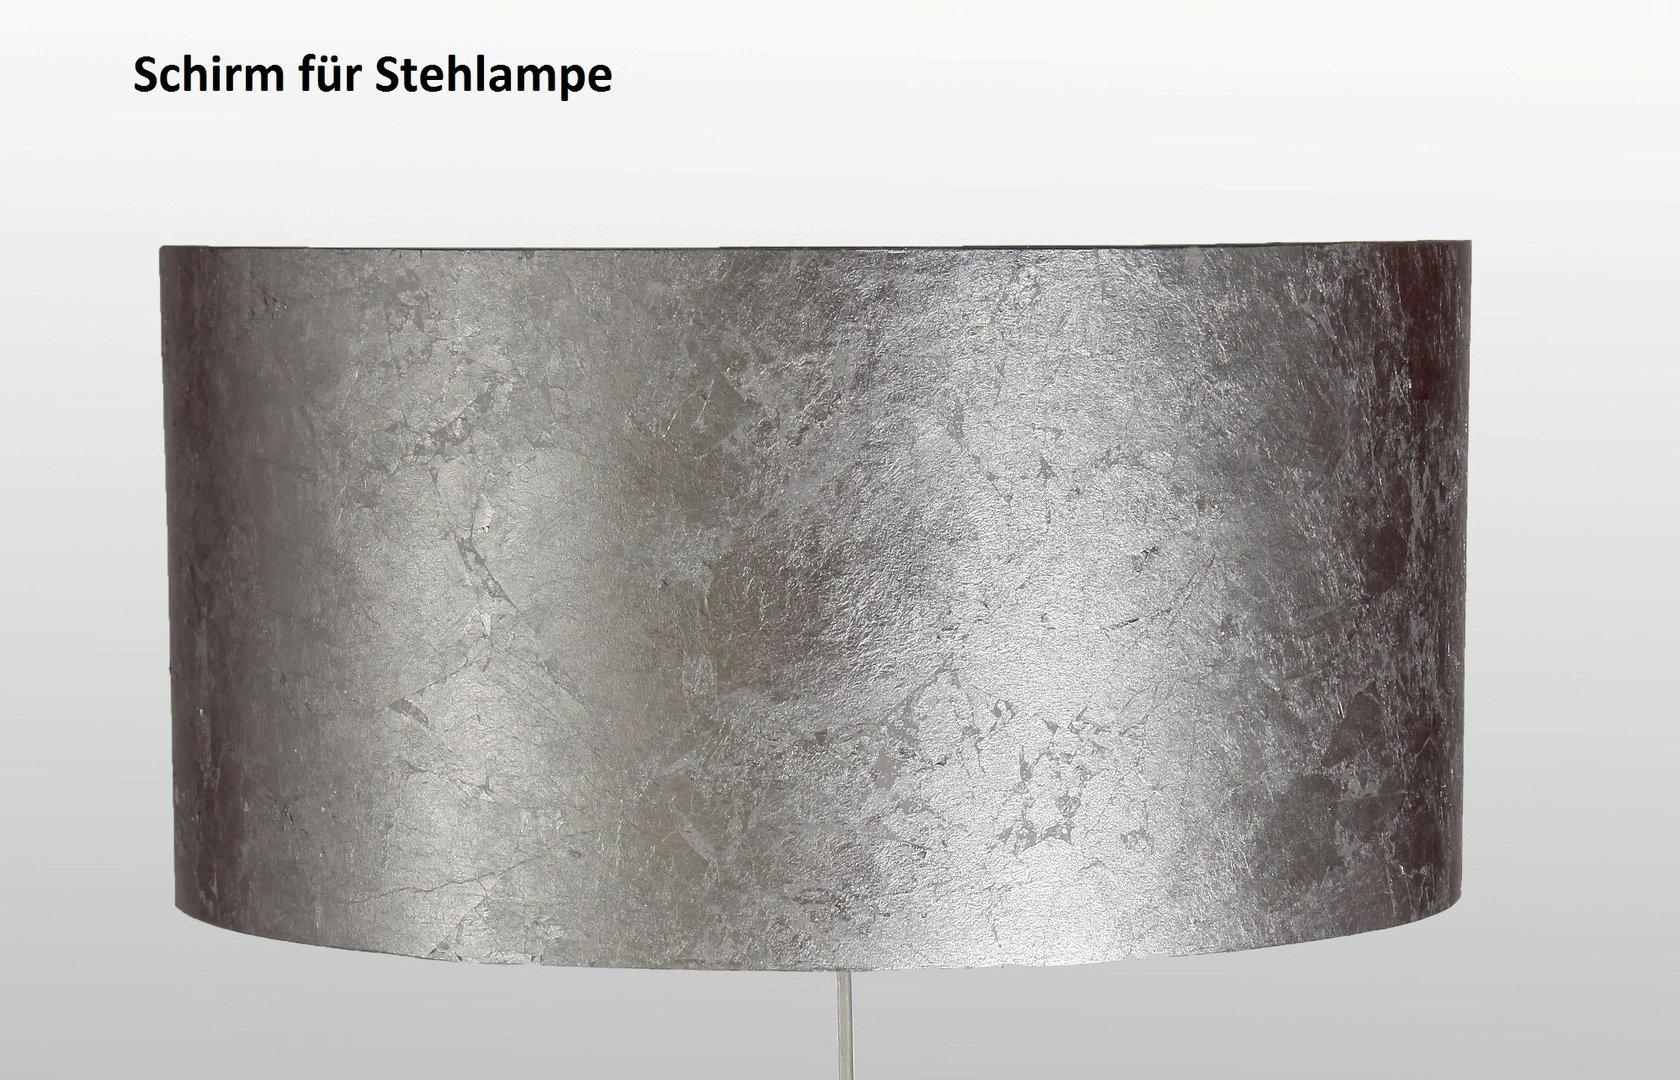 Papier Lampenschirm Für Stehlampe